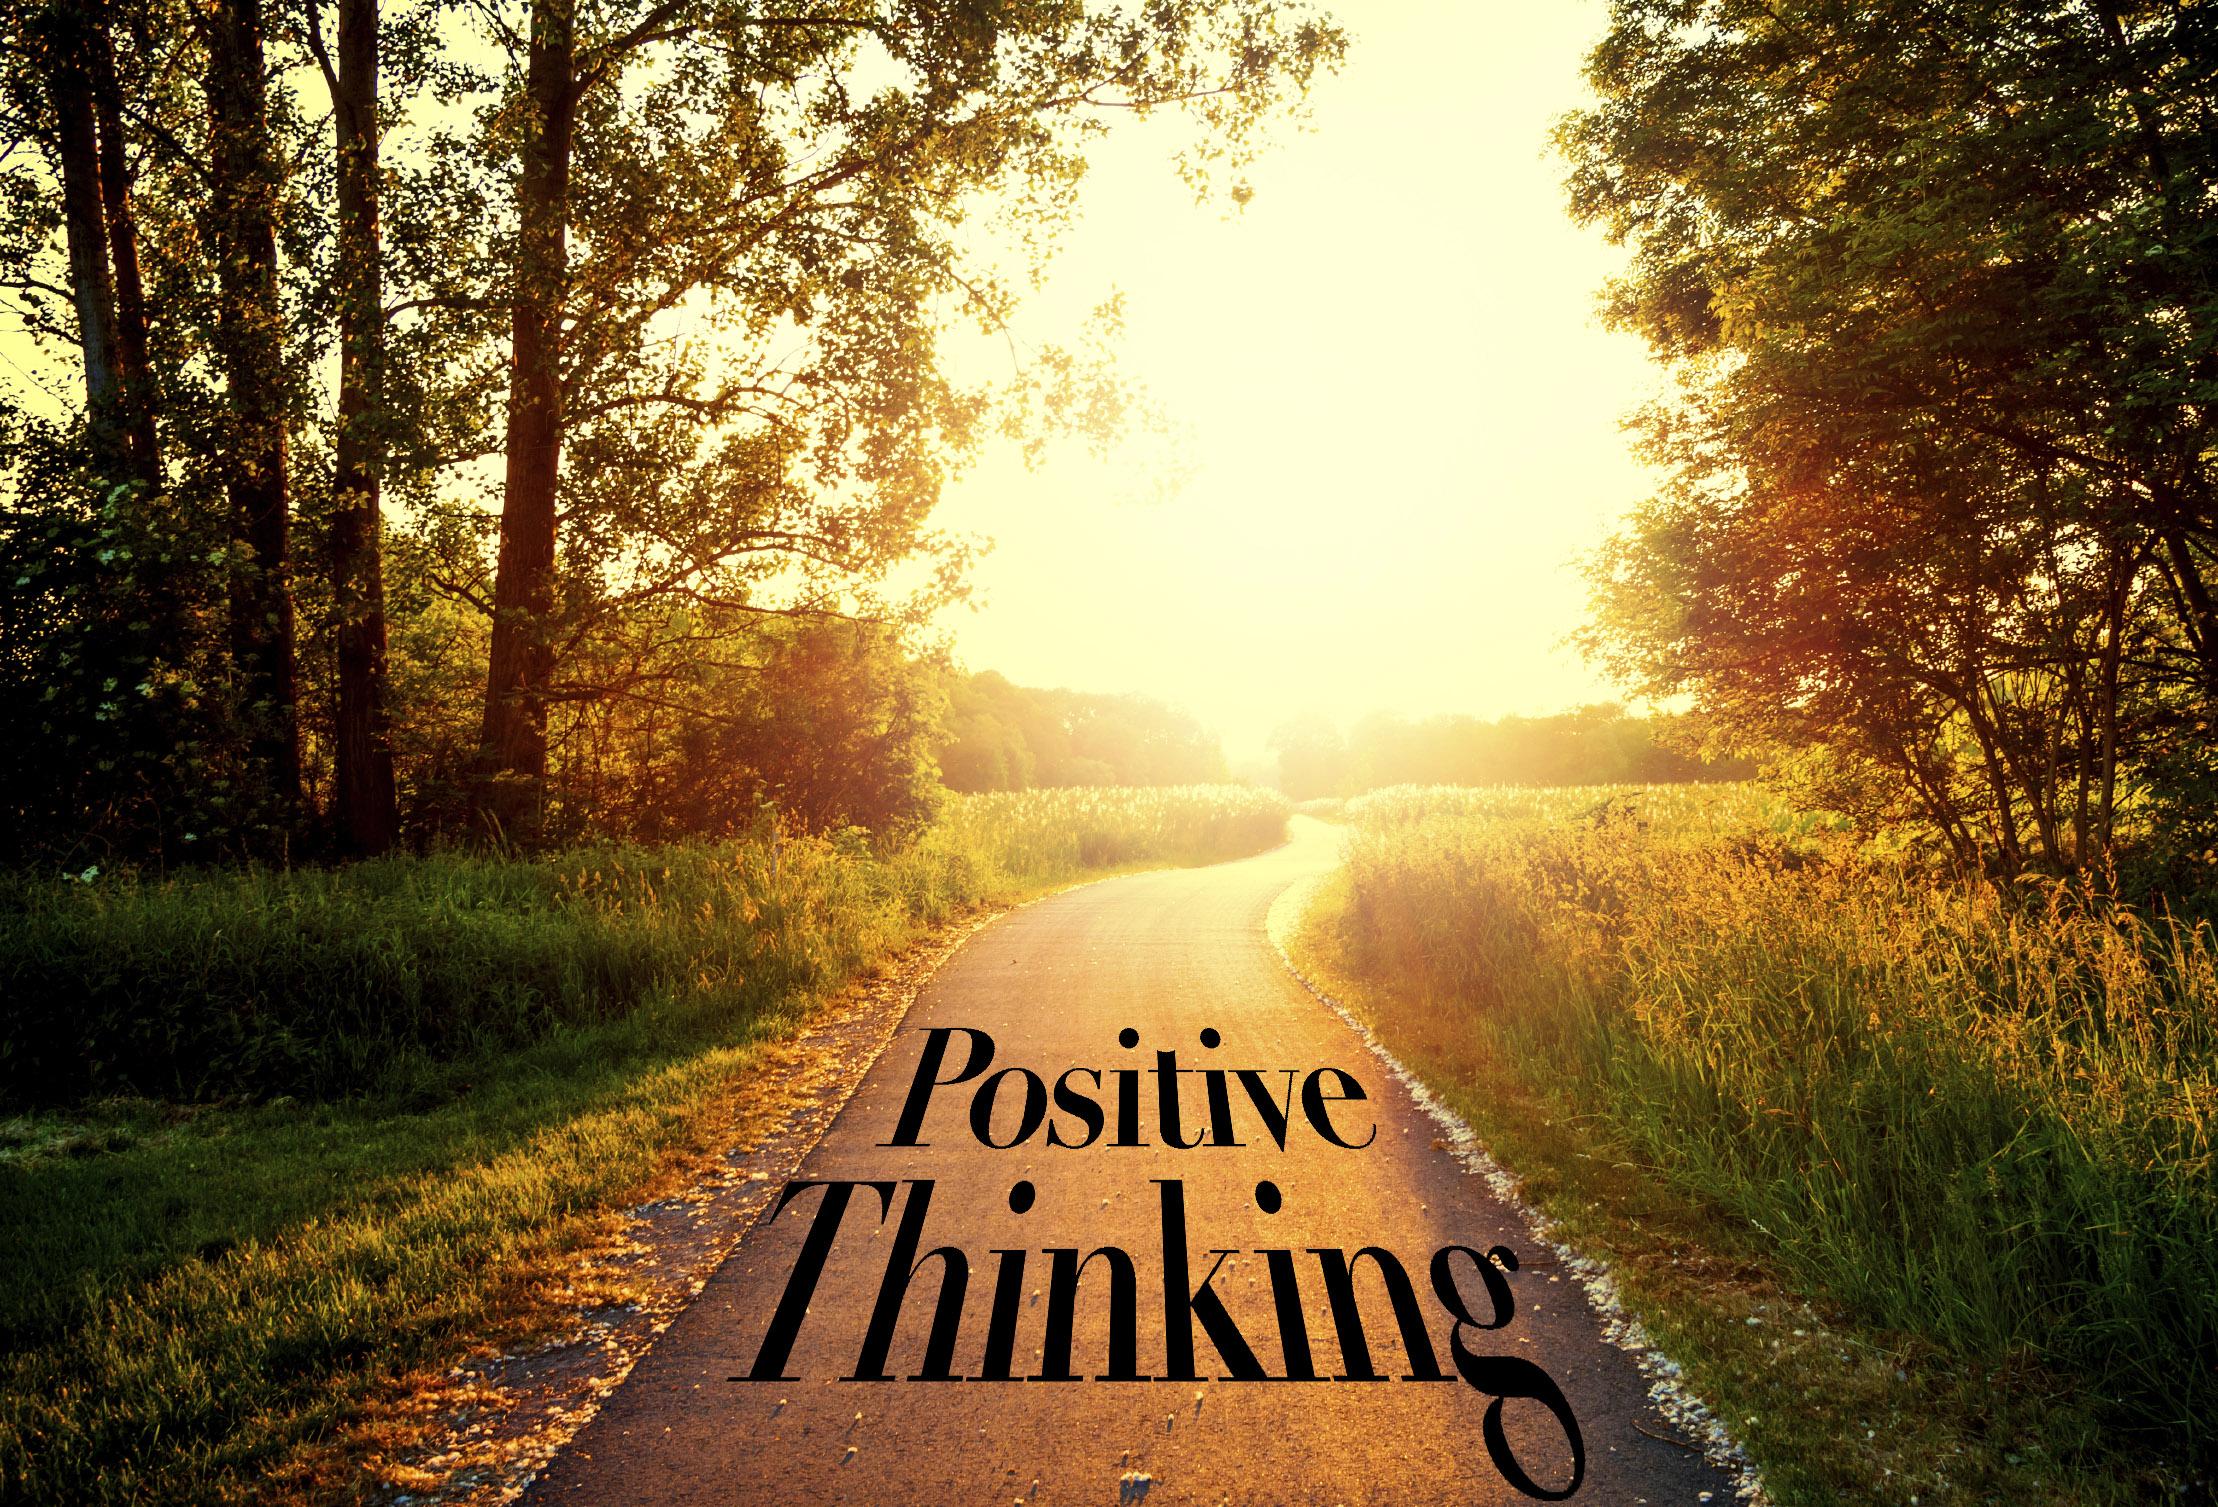 Neuroplasticitatea creierului uman este stimulata de stări de spirit pozitive